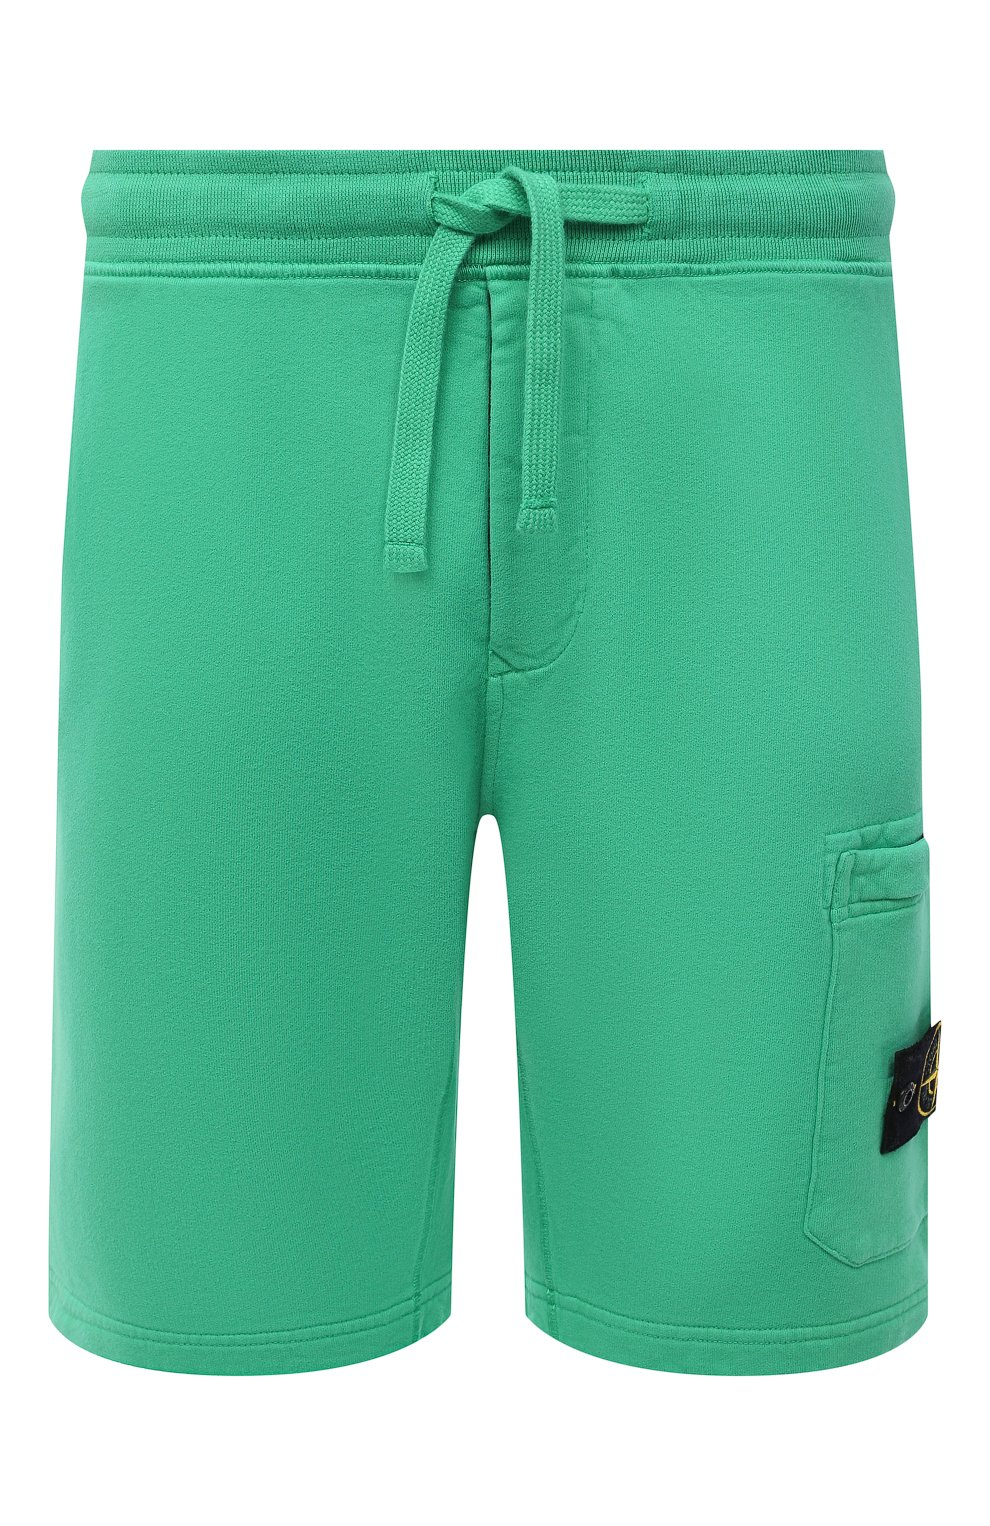 Мужские хлопковые шорты STONE ISLAND зеленого цвета, арт. 751564620 | Фото 1 (Длина Шорты М: До колена; Принт: Без принта; Кросс-КТ: Спорт; Материал внешний: Хлопок; Стили: Спорт-шик)